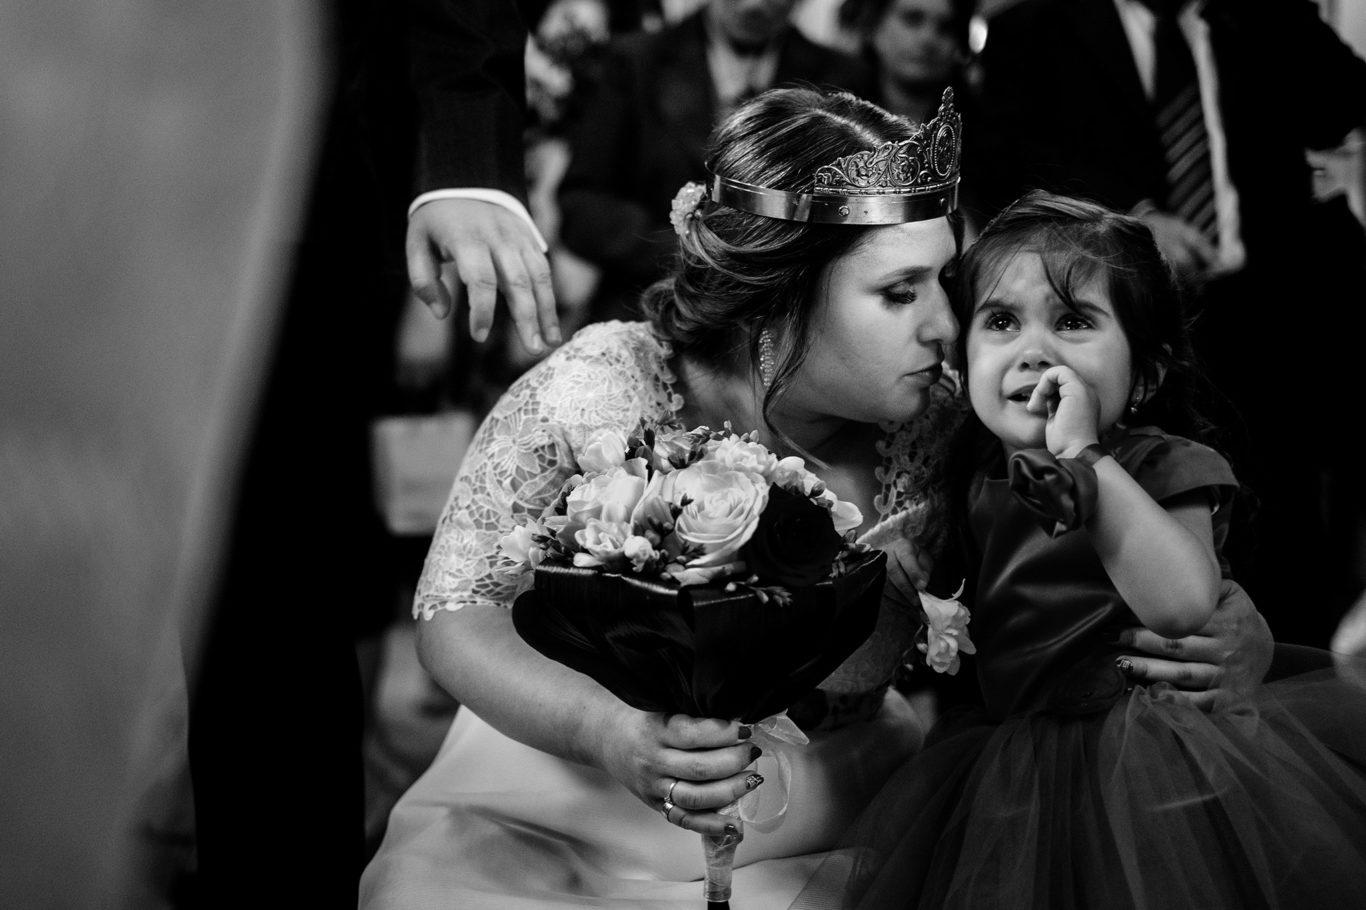 0122-Fotografie-nunta-Flory-Cristi-fotograf-Ciprian-Dumitrescu-DSCF7741